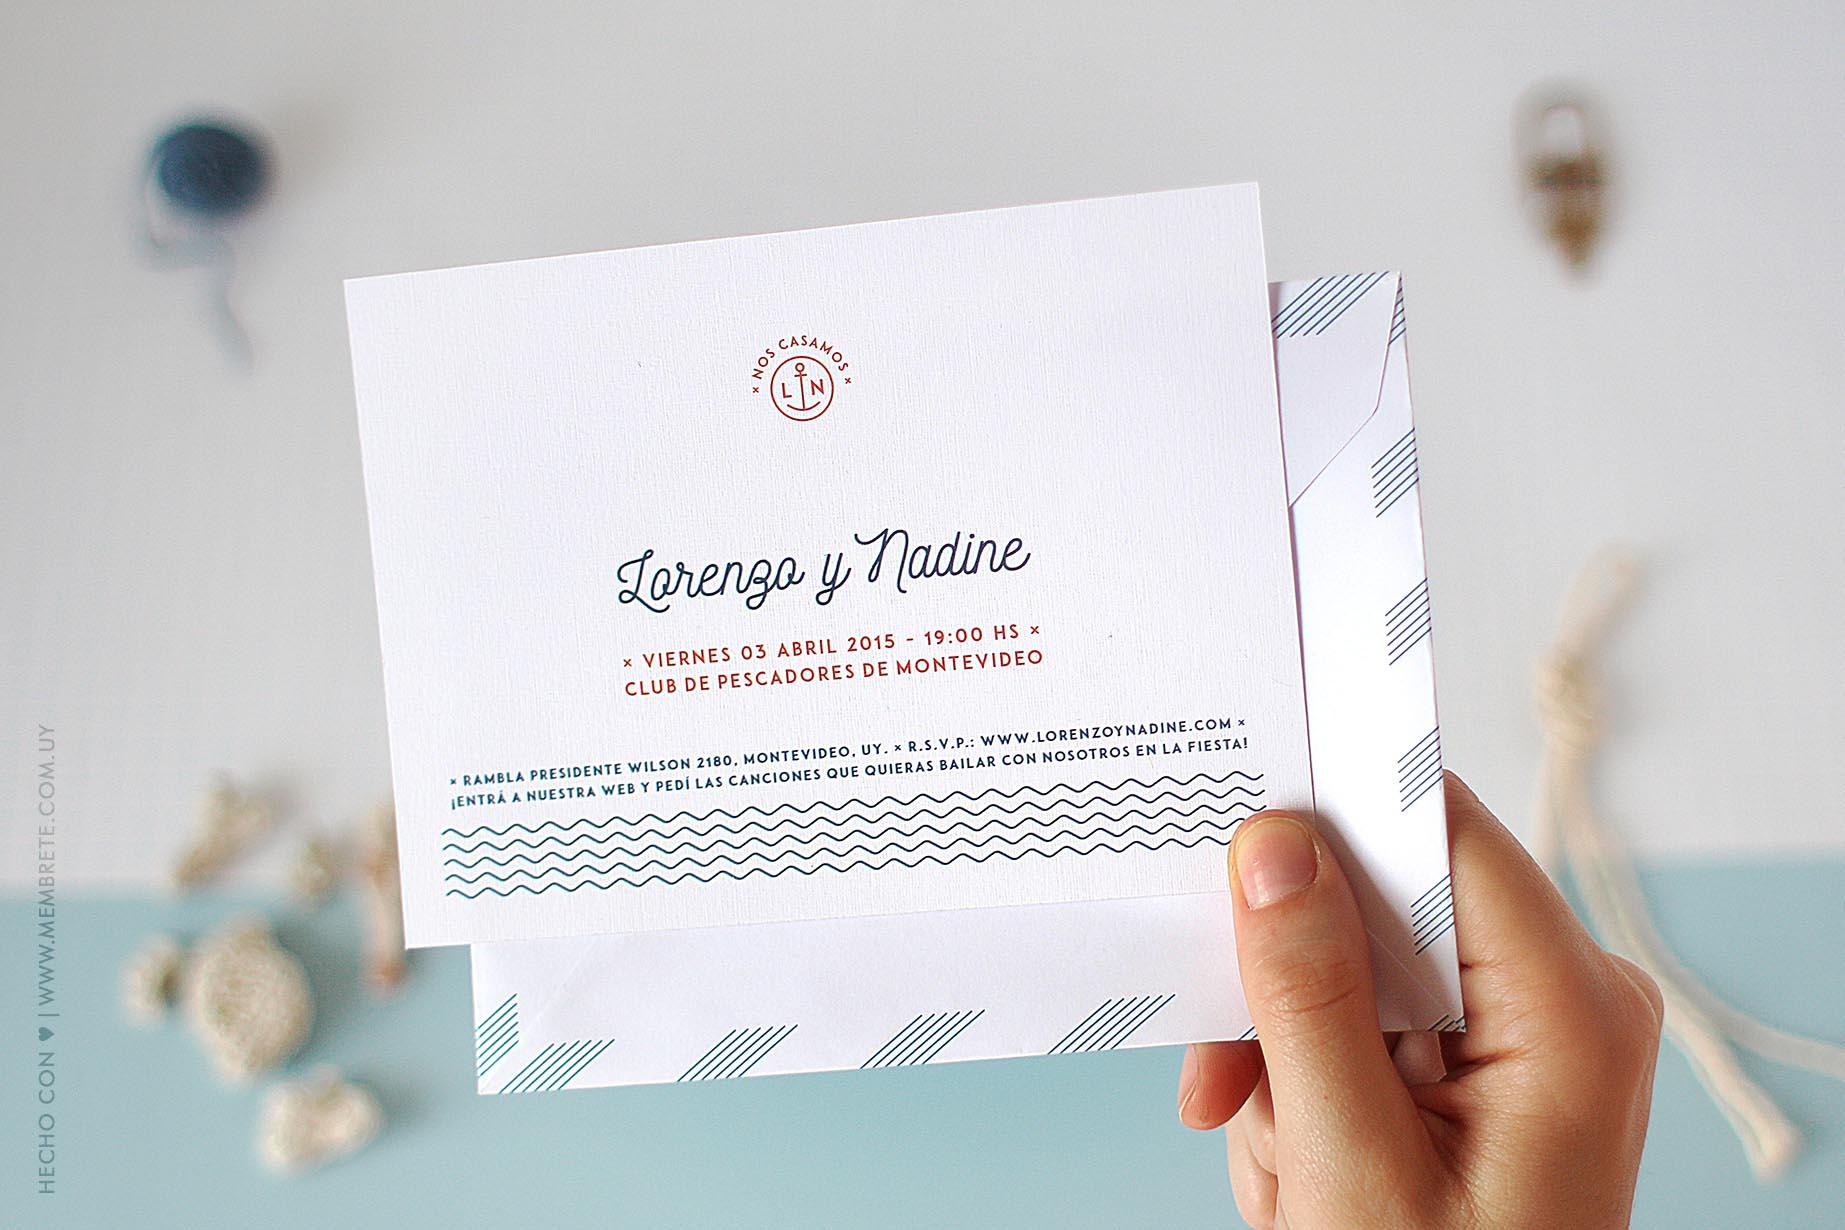 Lorenzo & Nadine ♥ Membrete   Invitaciones en papel   www.membrete.com.uy